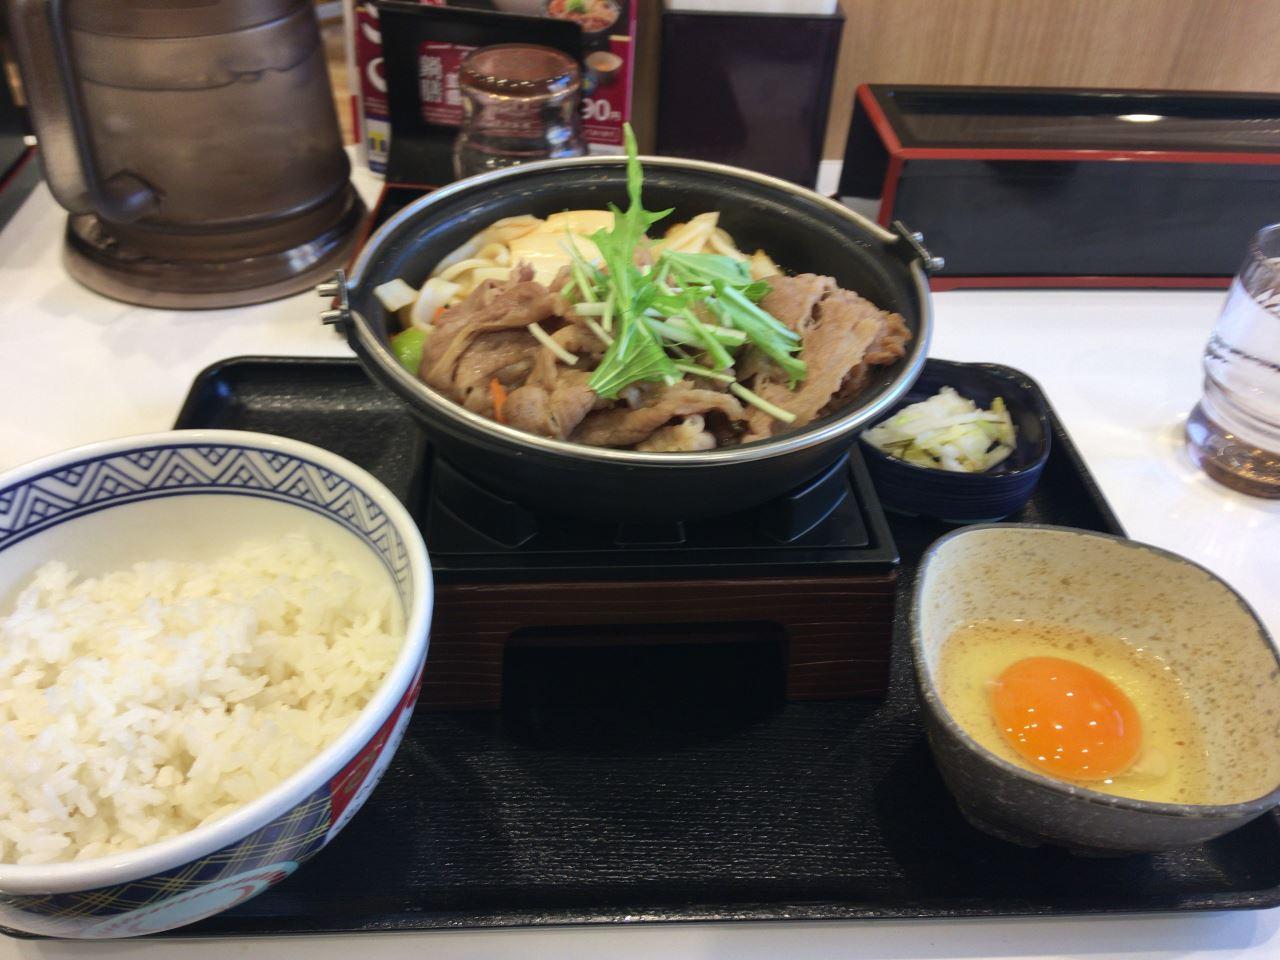 2019年3月5日に食べた吉野家の牛すき鍋膳並は肉が硬かった